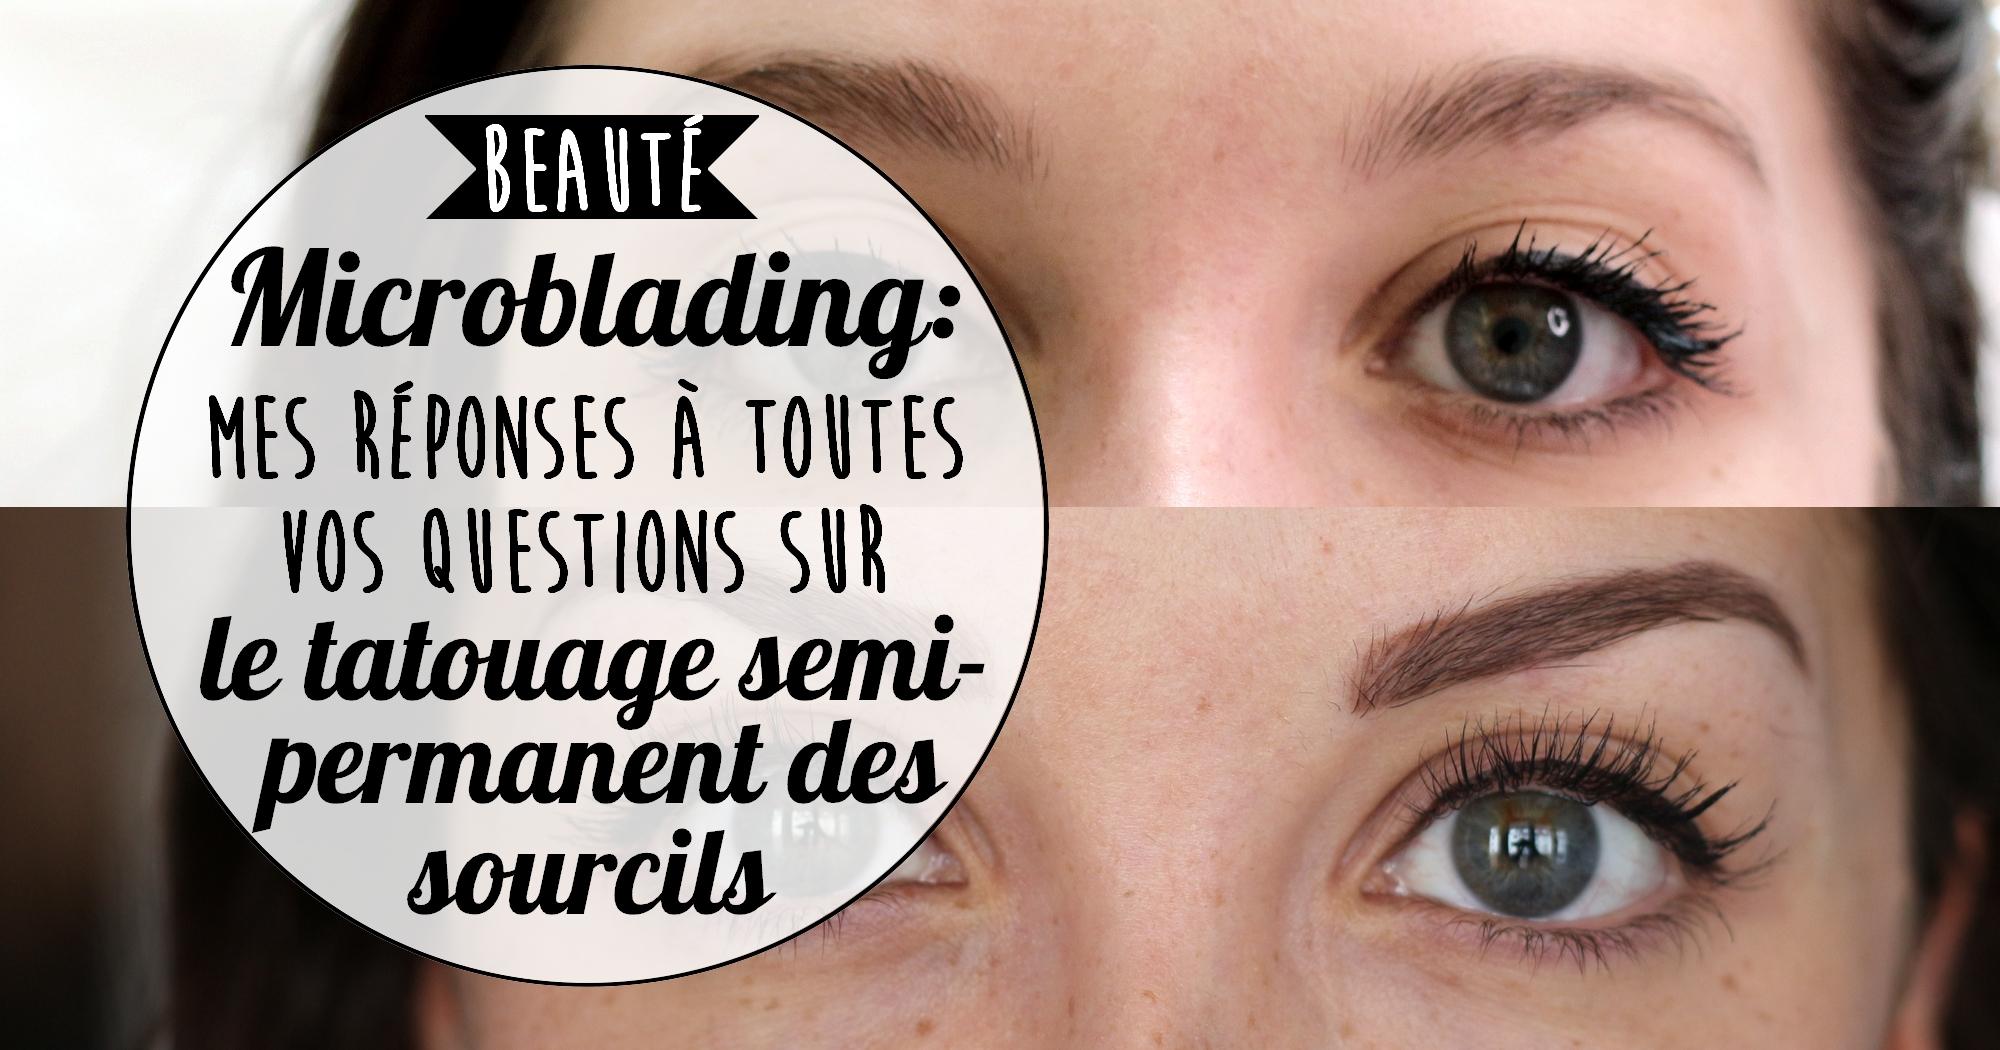 Microblading : réponses à vos questions sur le tatouage des sourcils (+ mon expérience)